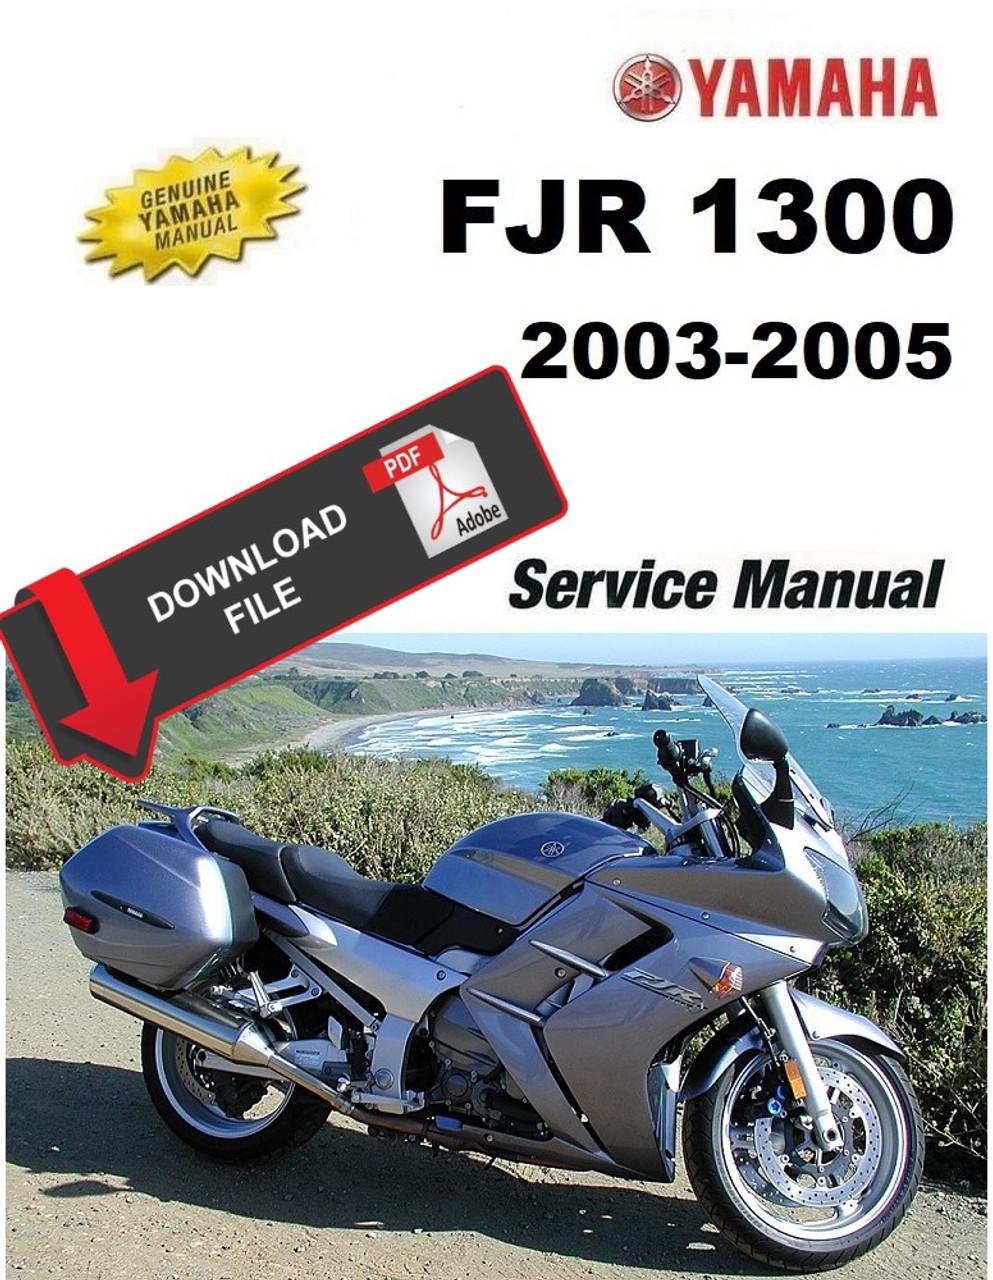 Yamaha 2005 Fjr1300 Service Manual